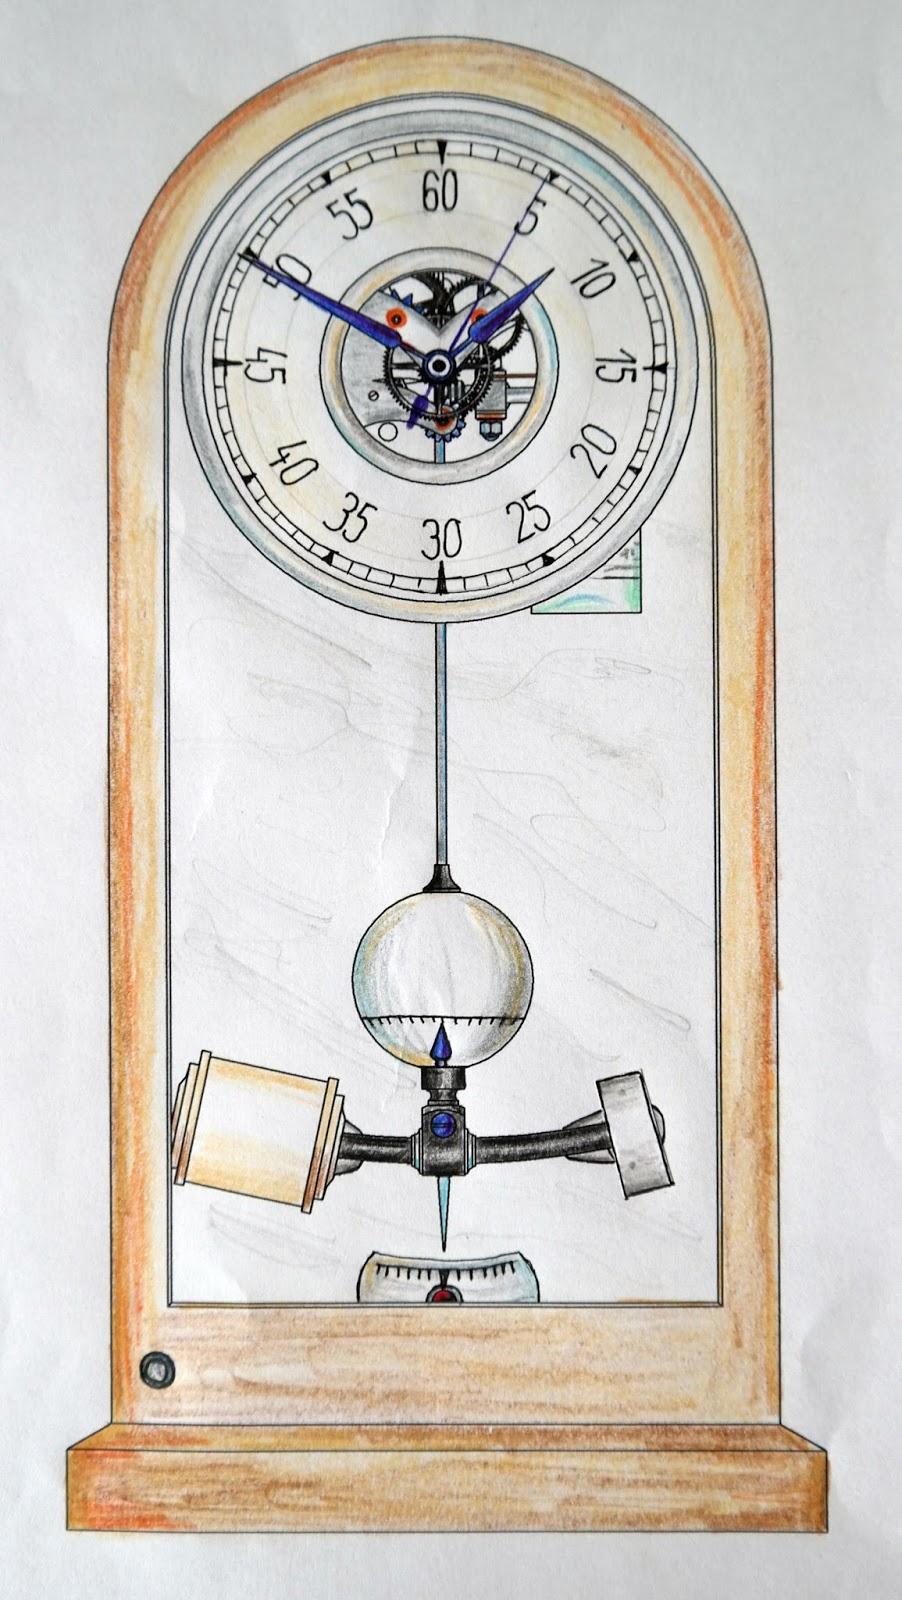 Der Kunde Hat Eine Uhr, Die Mehr Als Vier Jahre Mit Einer Batterie Recht  Genau Läuft Und So Auch Im Verwaisten Hobbyraum Des Vielbeschäftigten ...